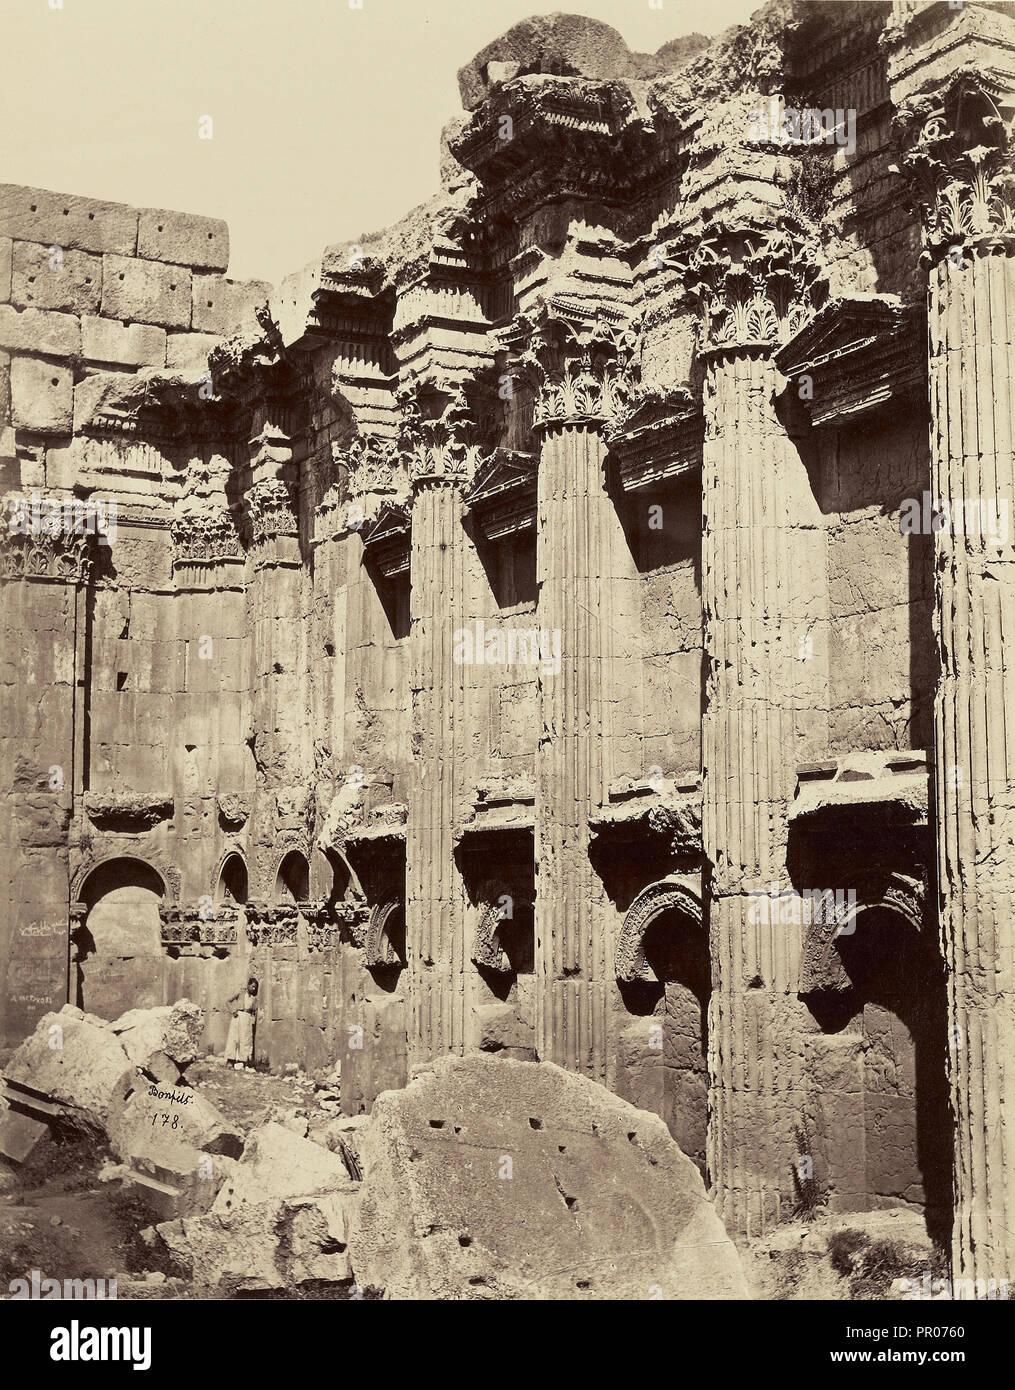 Interieur du Temple de Jupiter - balbek; Félix Bonfils, Französisch, 1831-1885, Baalbek, Syrien; 1872; Eiklar silber Drucken Stockbild